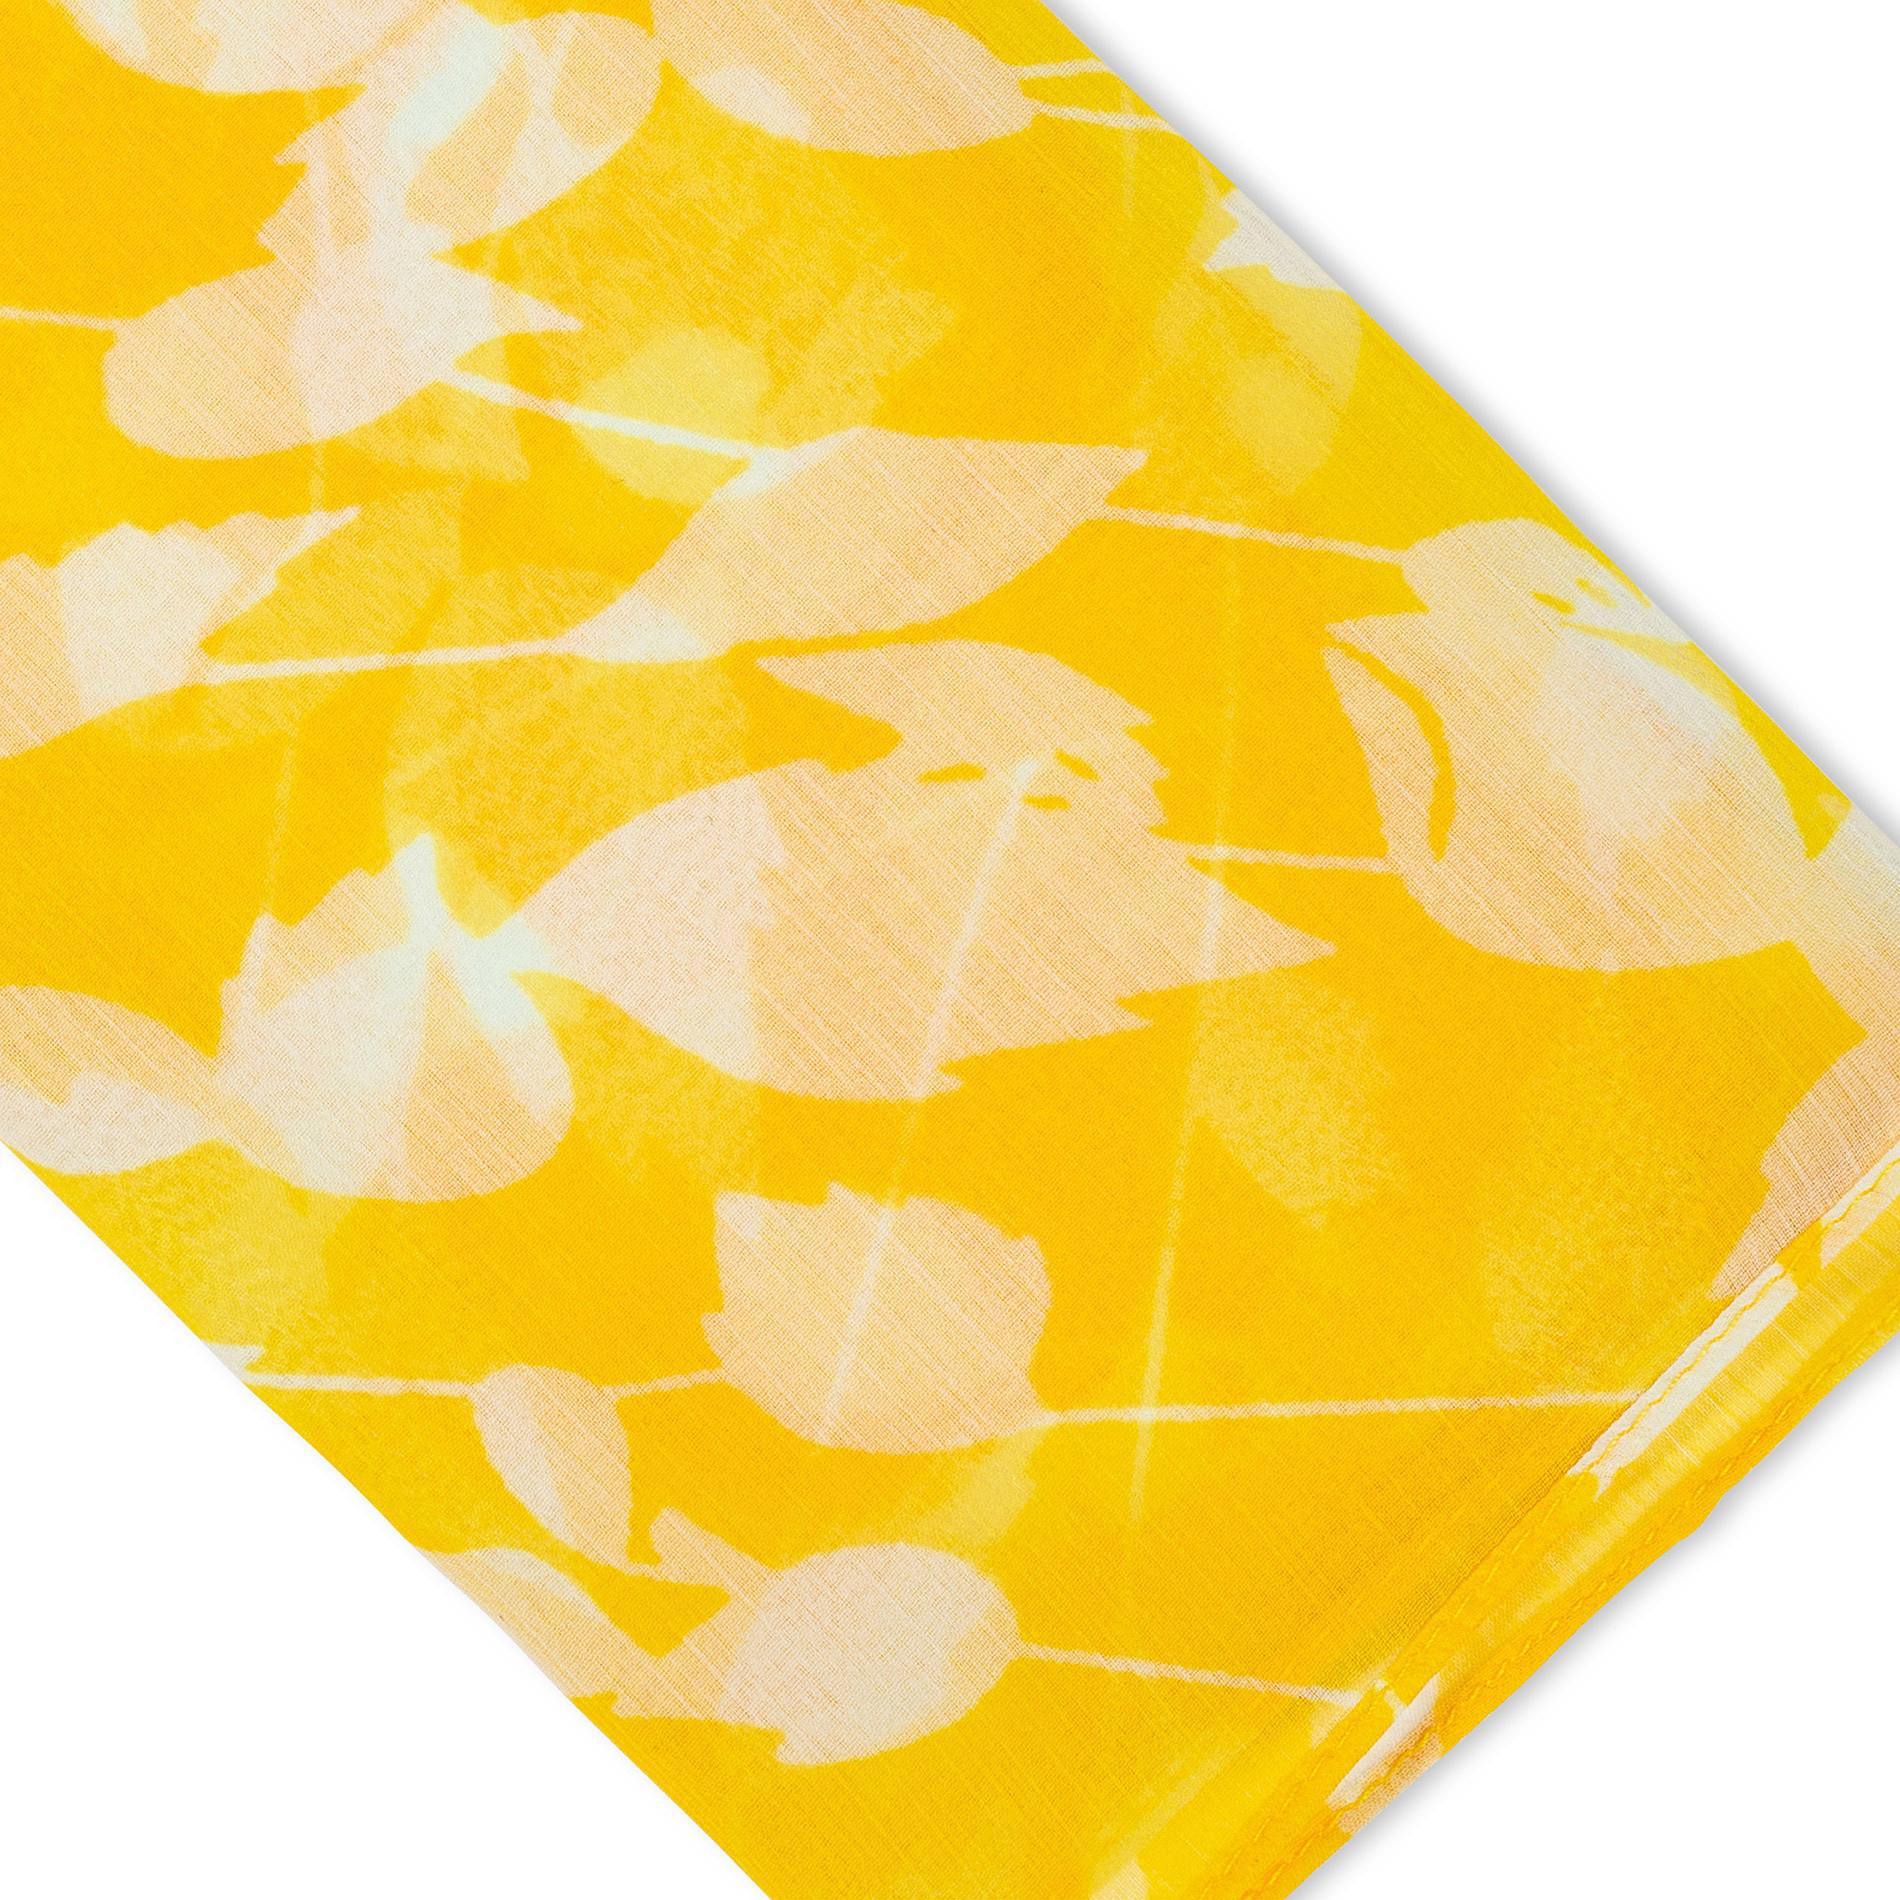 Sciarpina stampa foglie Koan, Giallo, large image number 1